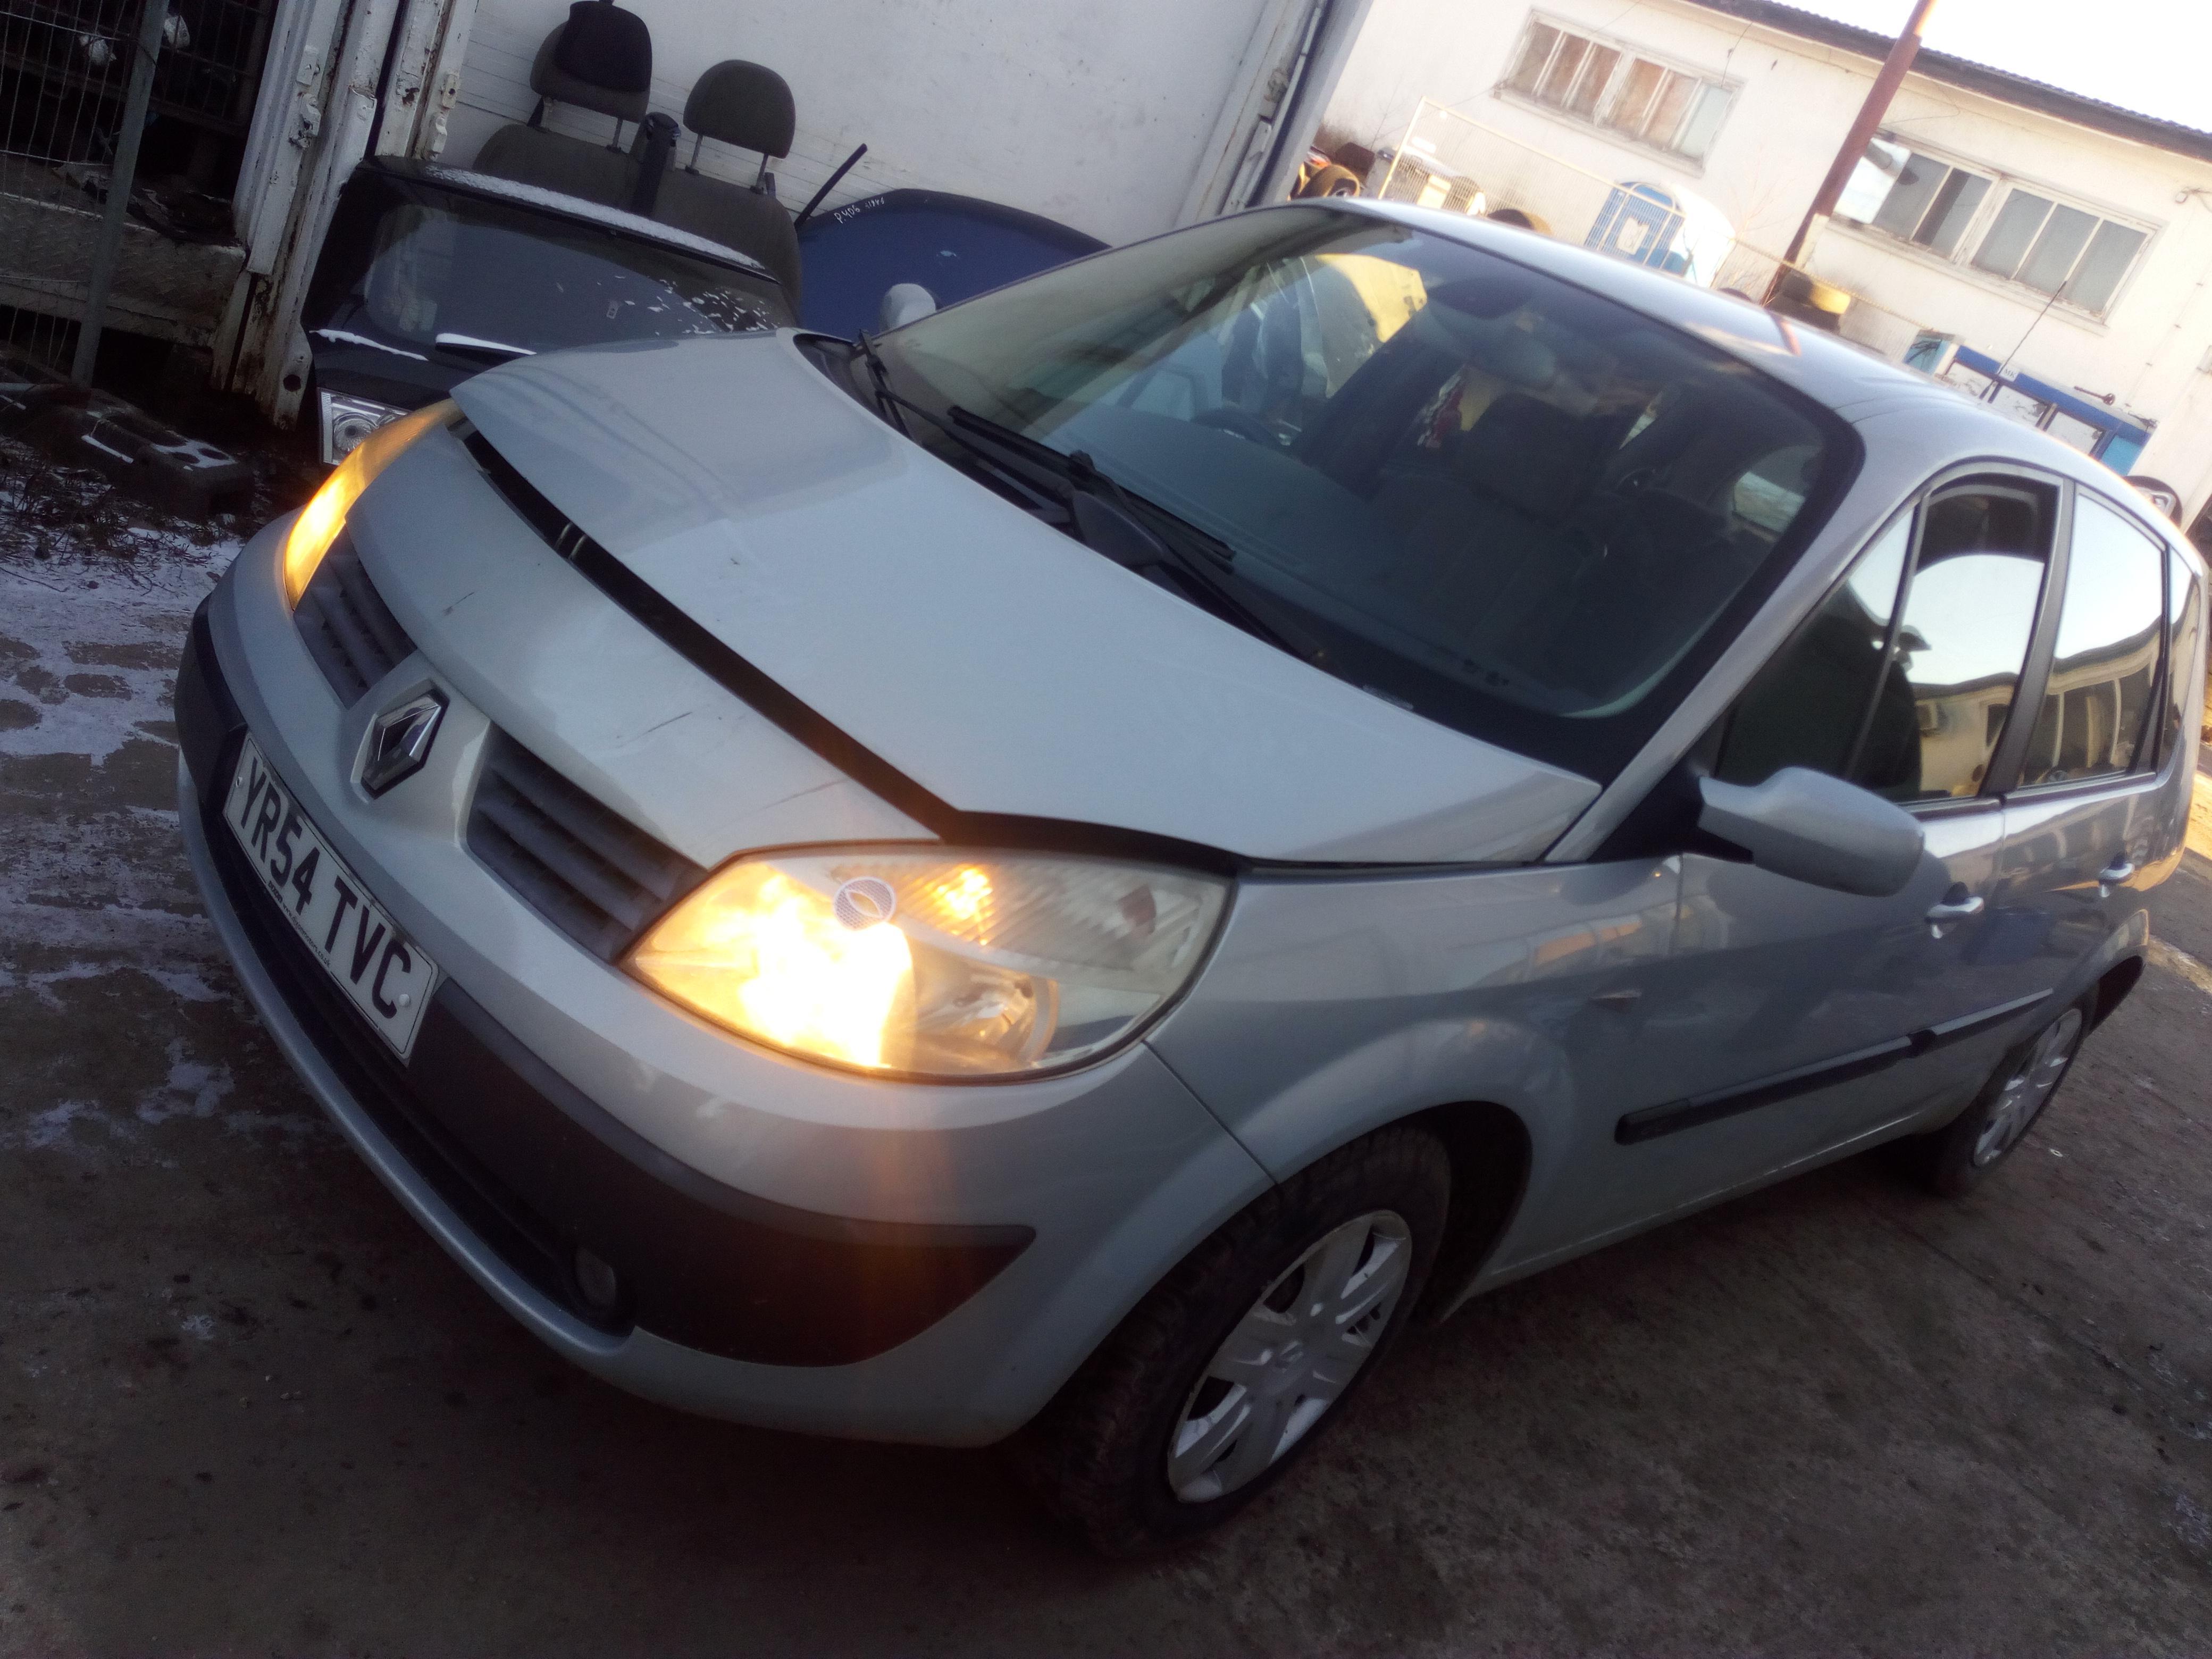 8200166686 Used Gearbox Renault Scenic 2004 15l 100eur Eis00328555 04 Fuse Box Foto 3 200306 200606 Diesel 15